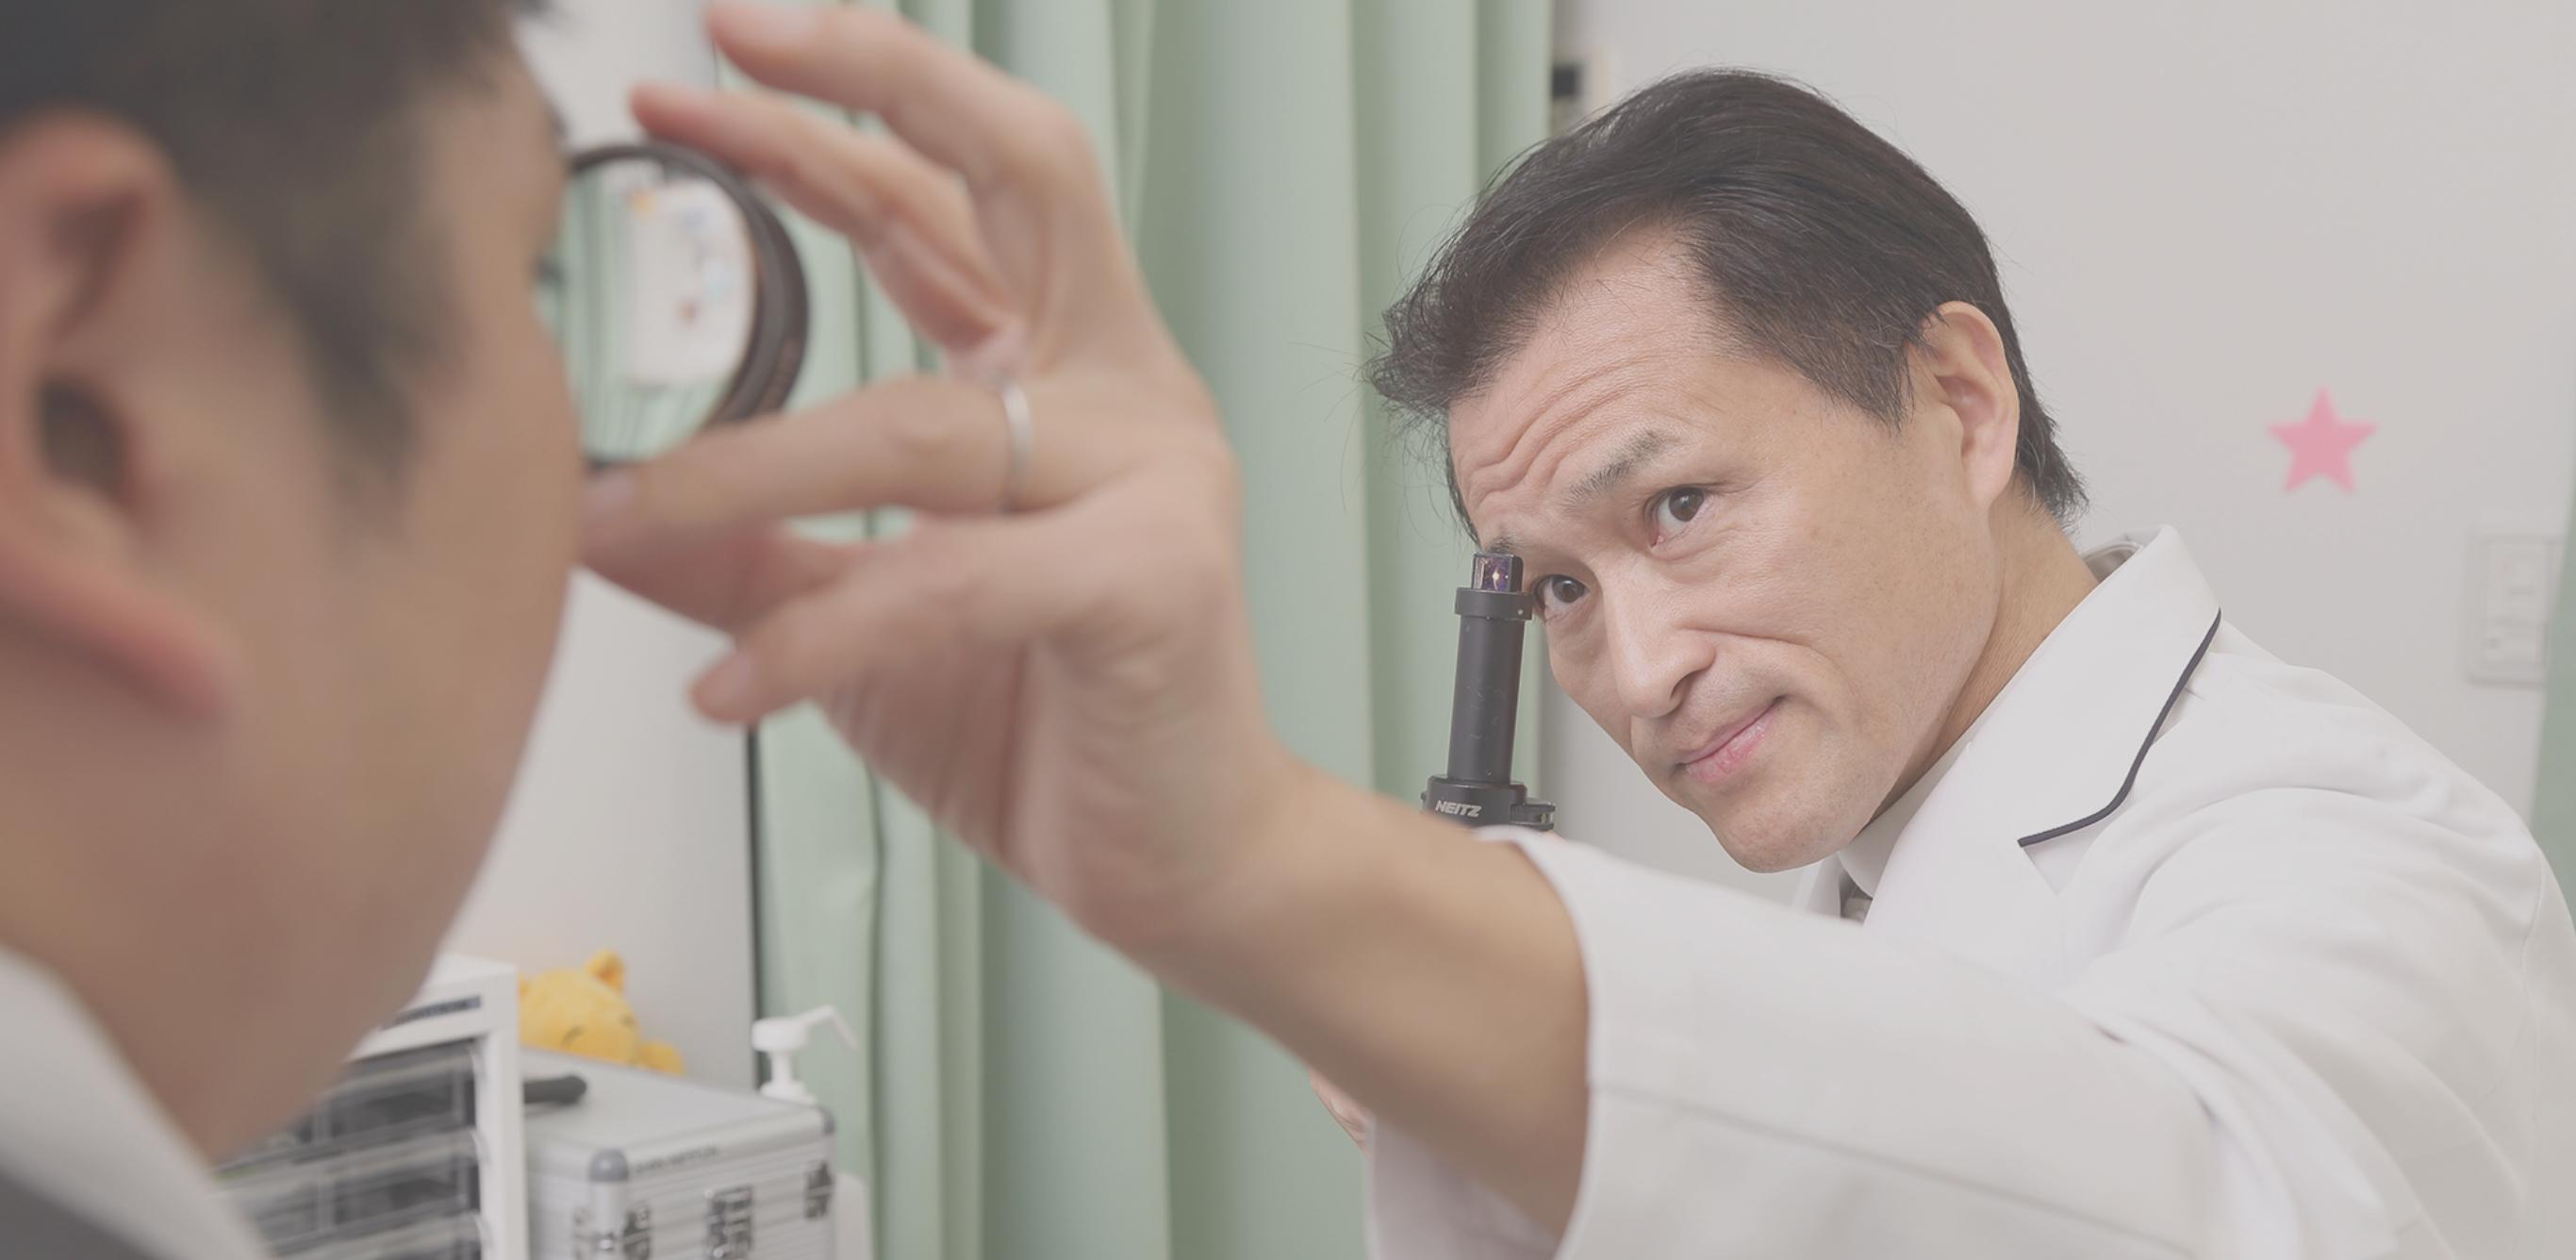 患者さんの目を守り、心まで晴れやかにできるクリニックでありたい